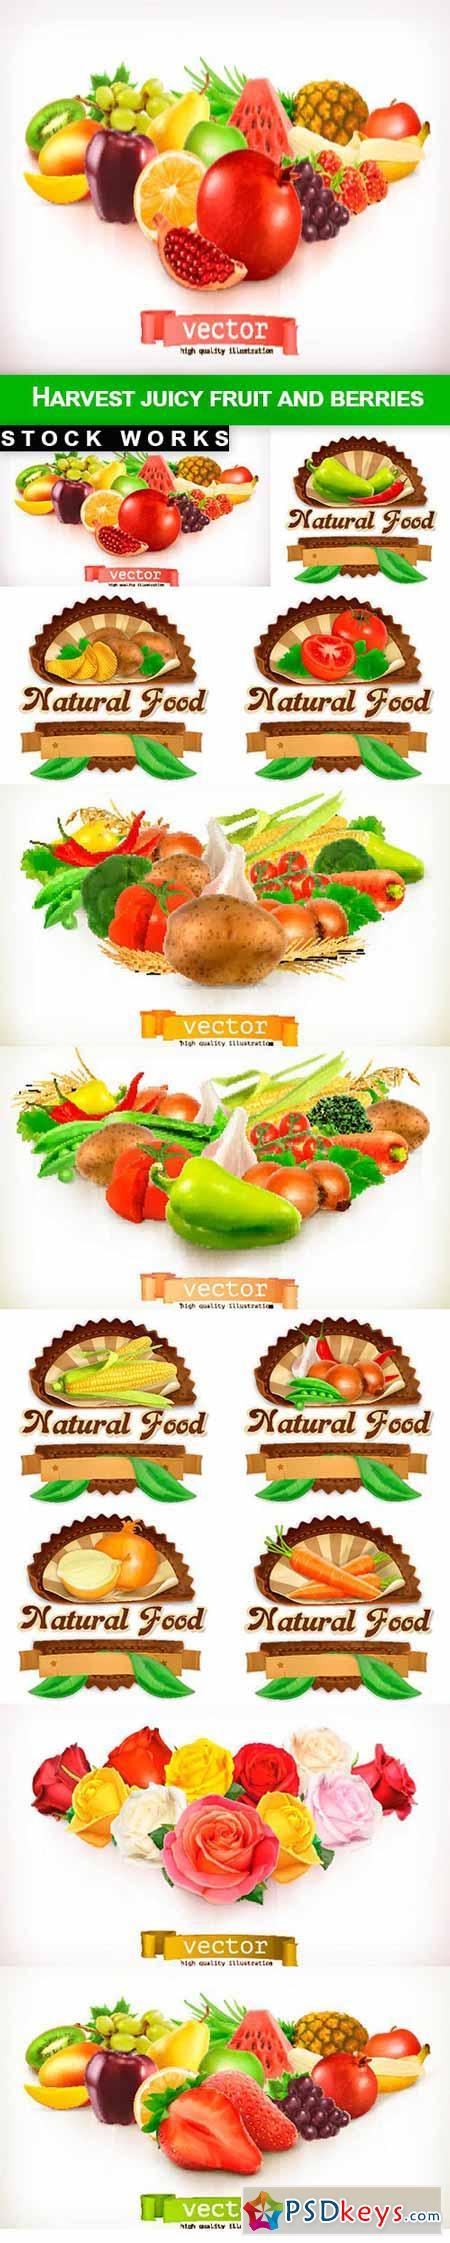 Harvest juicy fruit and berries - 12 EPS